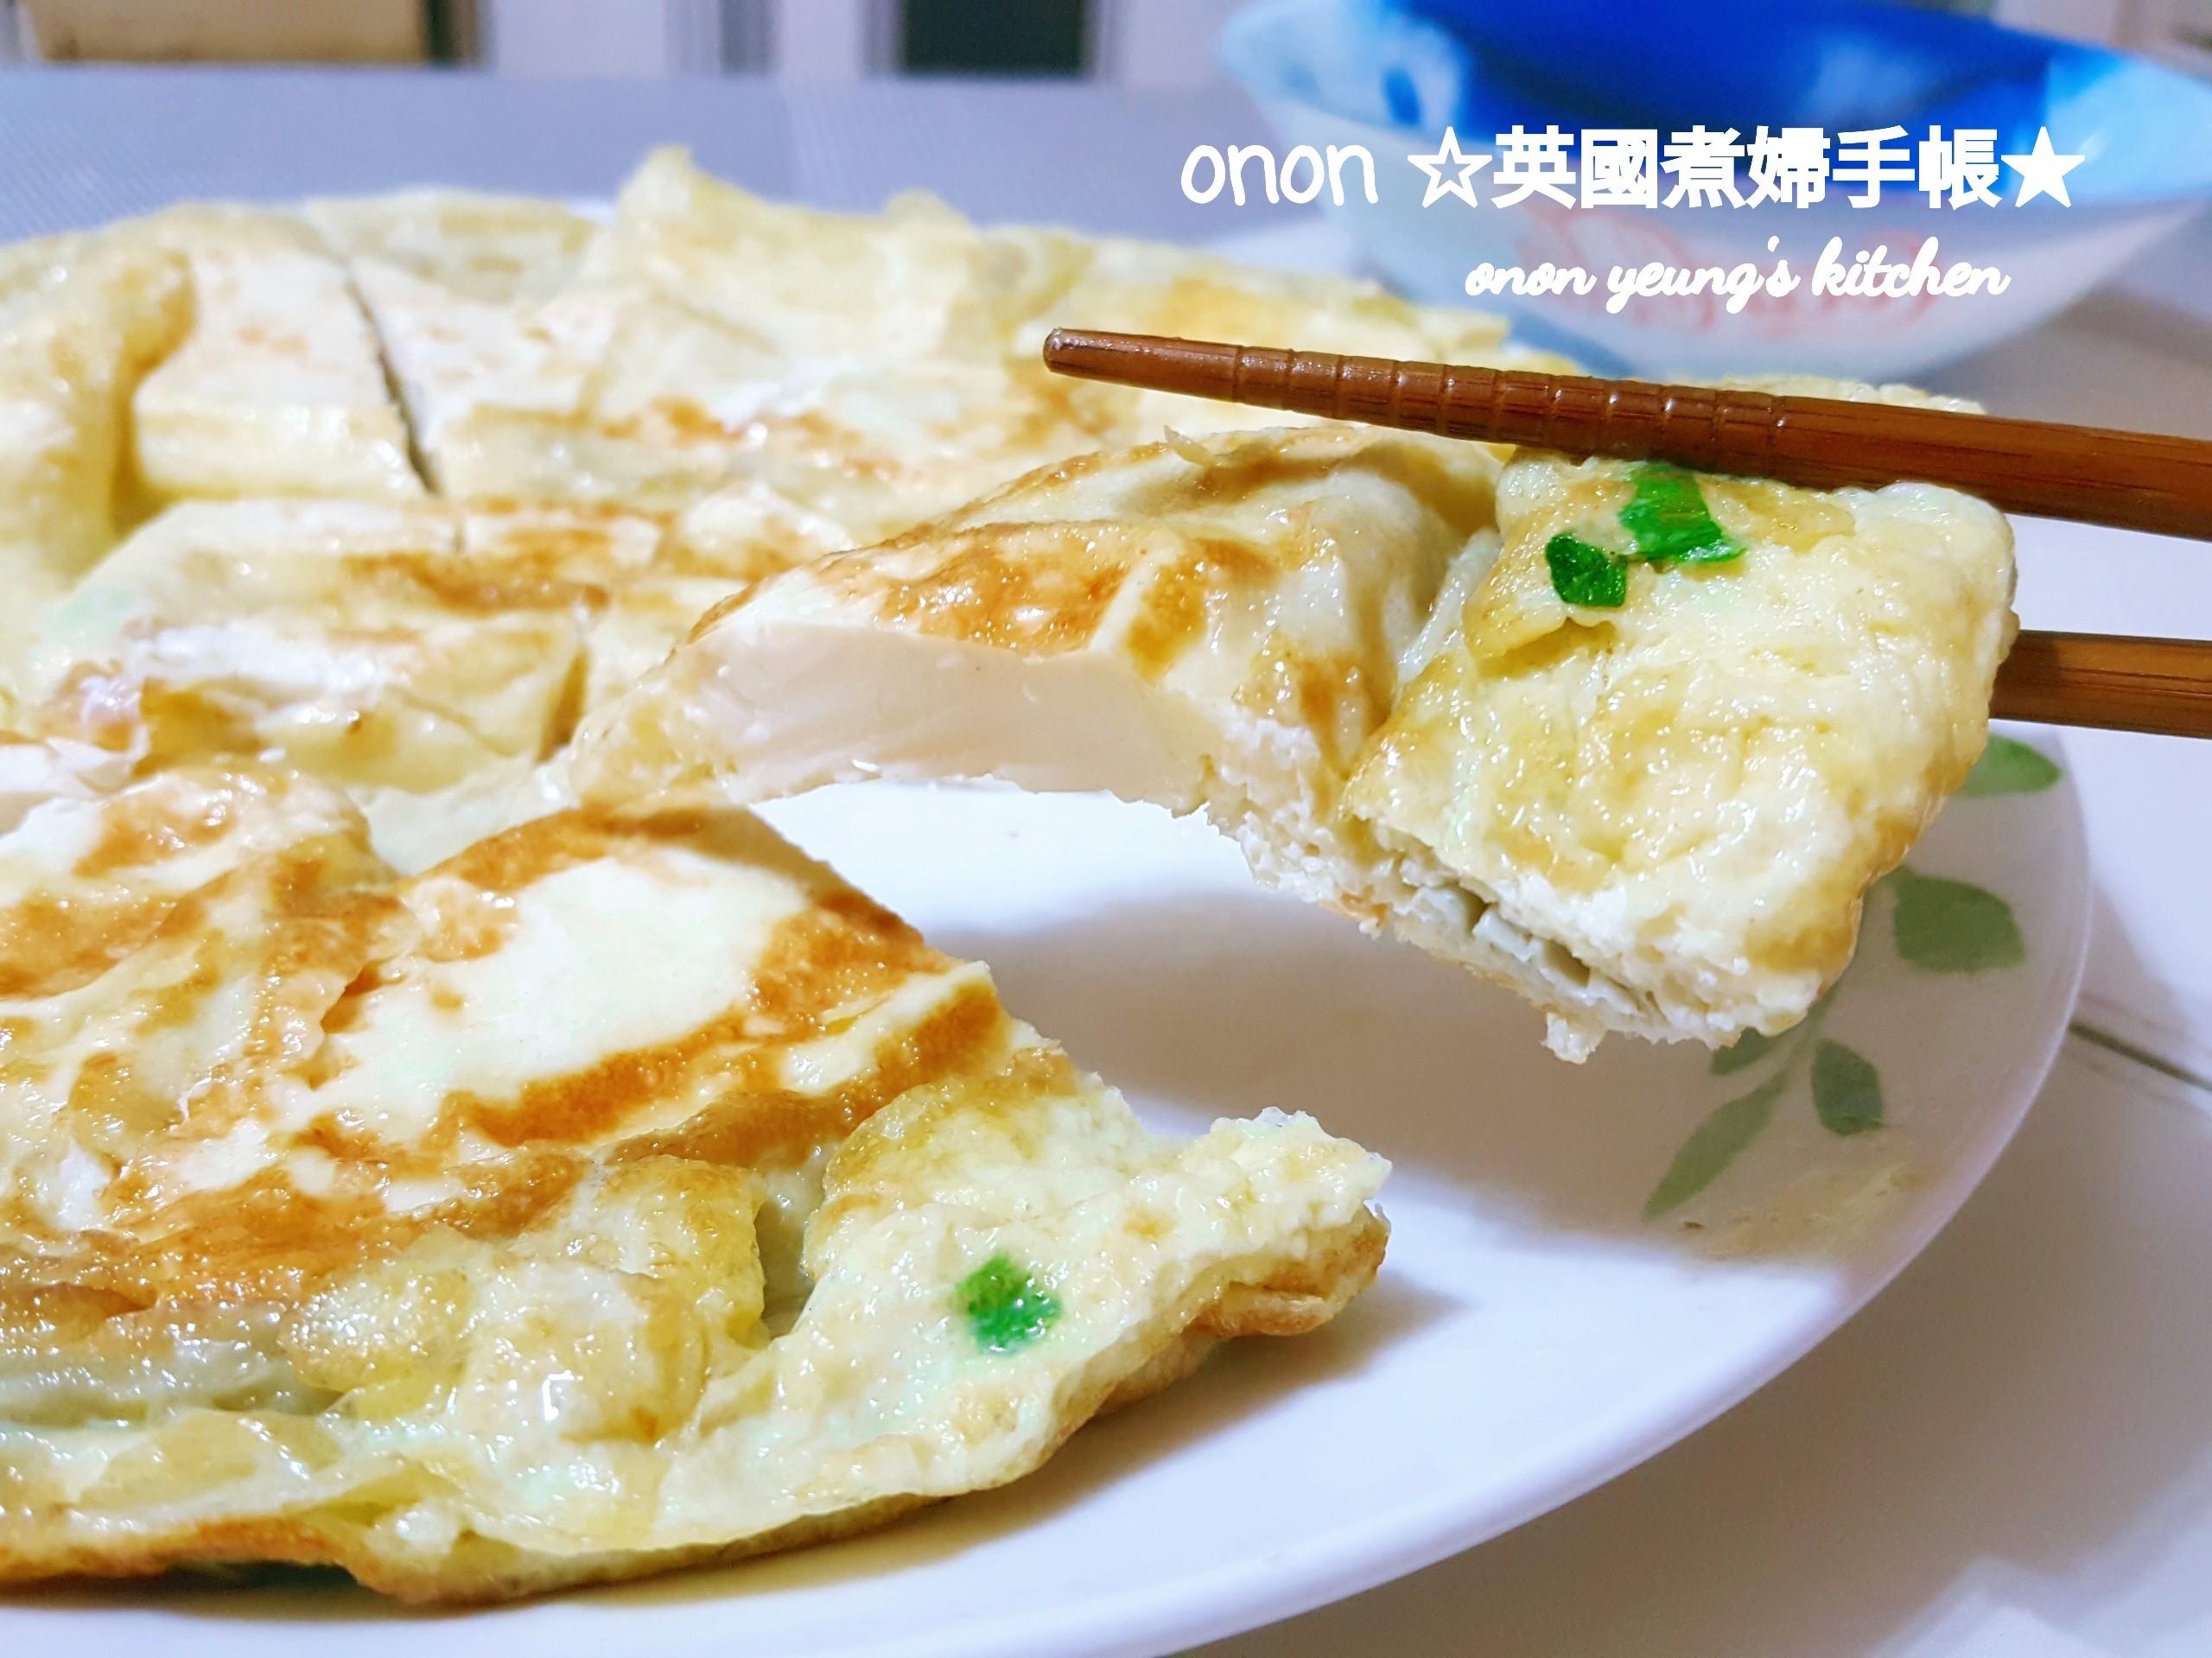 香煎豆腐蔥蛋餅 超下飯🥗新手家常菜晚餐